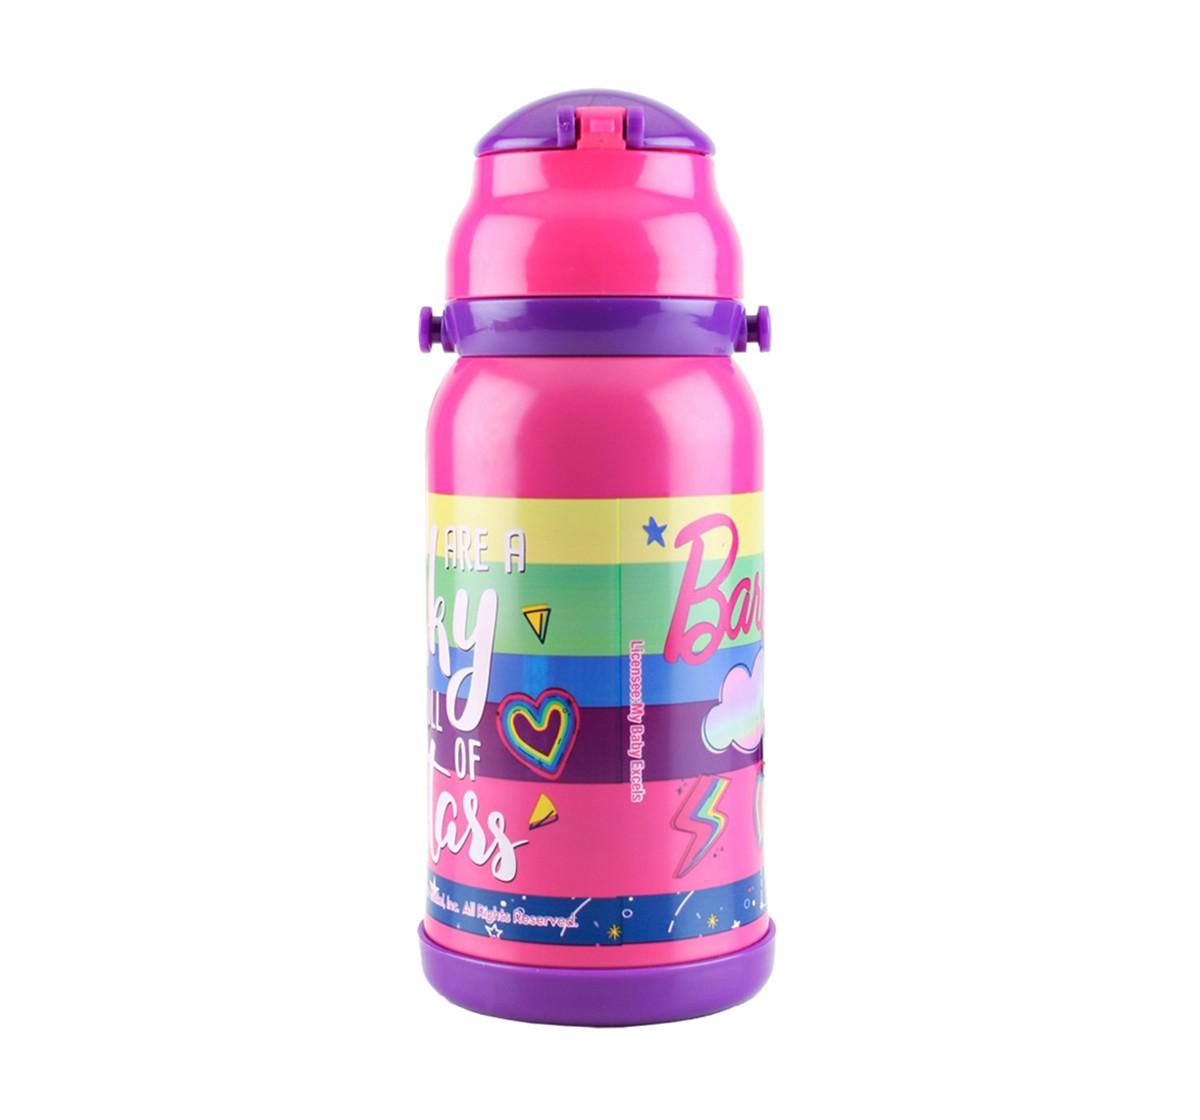 Barbie Barbie Stars Steel Inner Water Bottle 460 Ml Bags for Girls age 5Y+